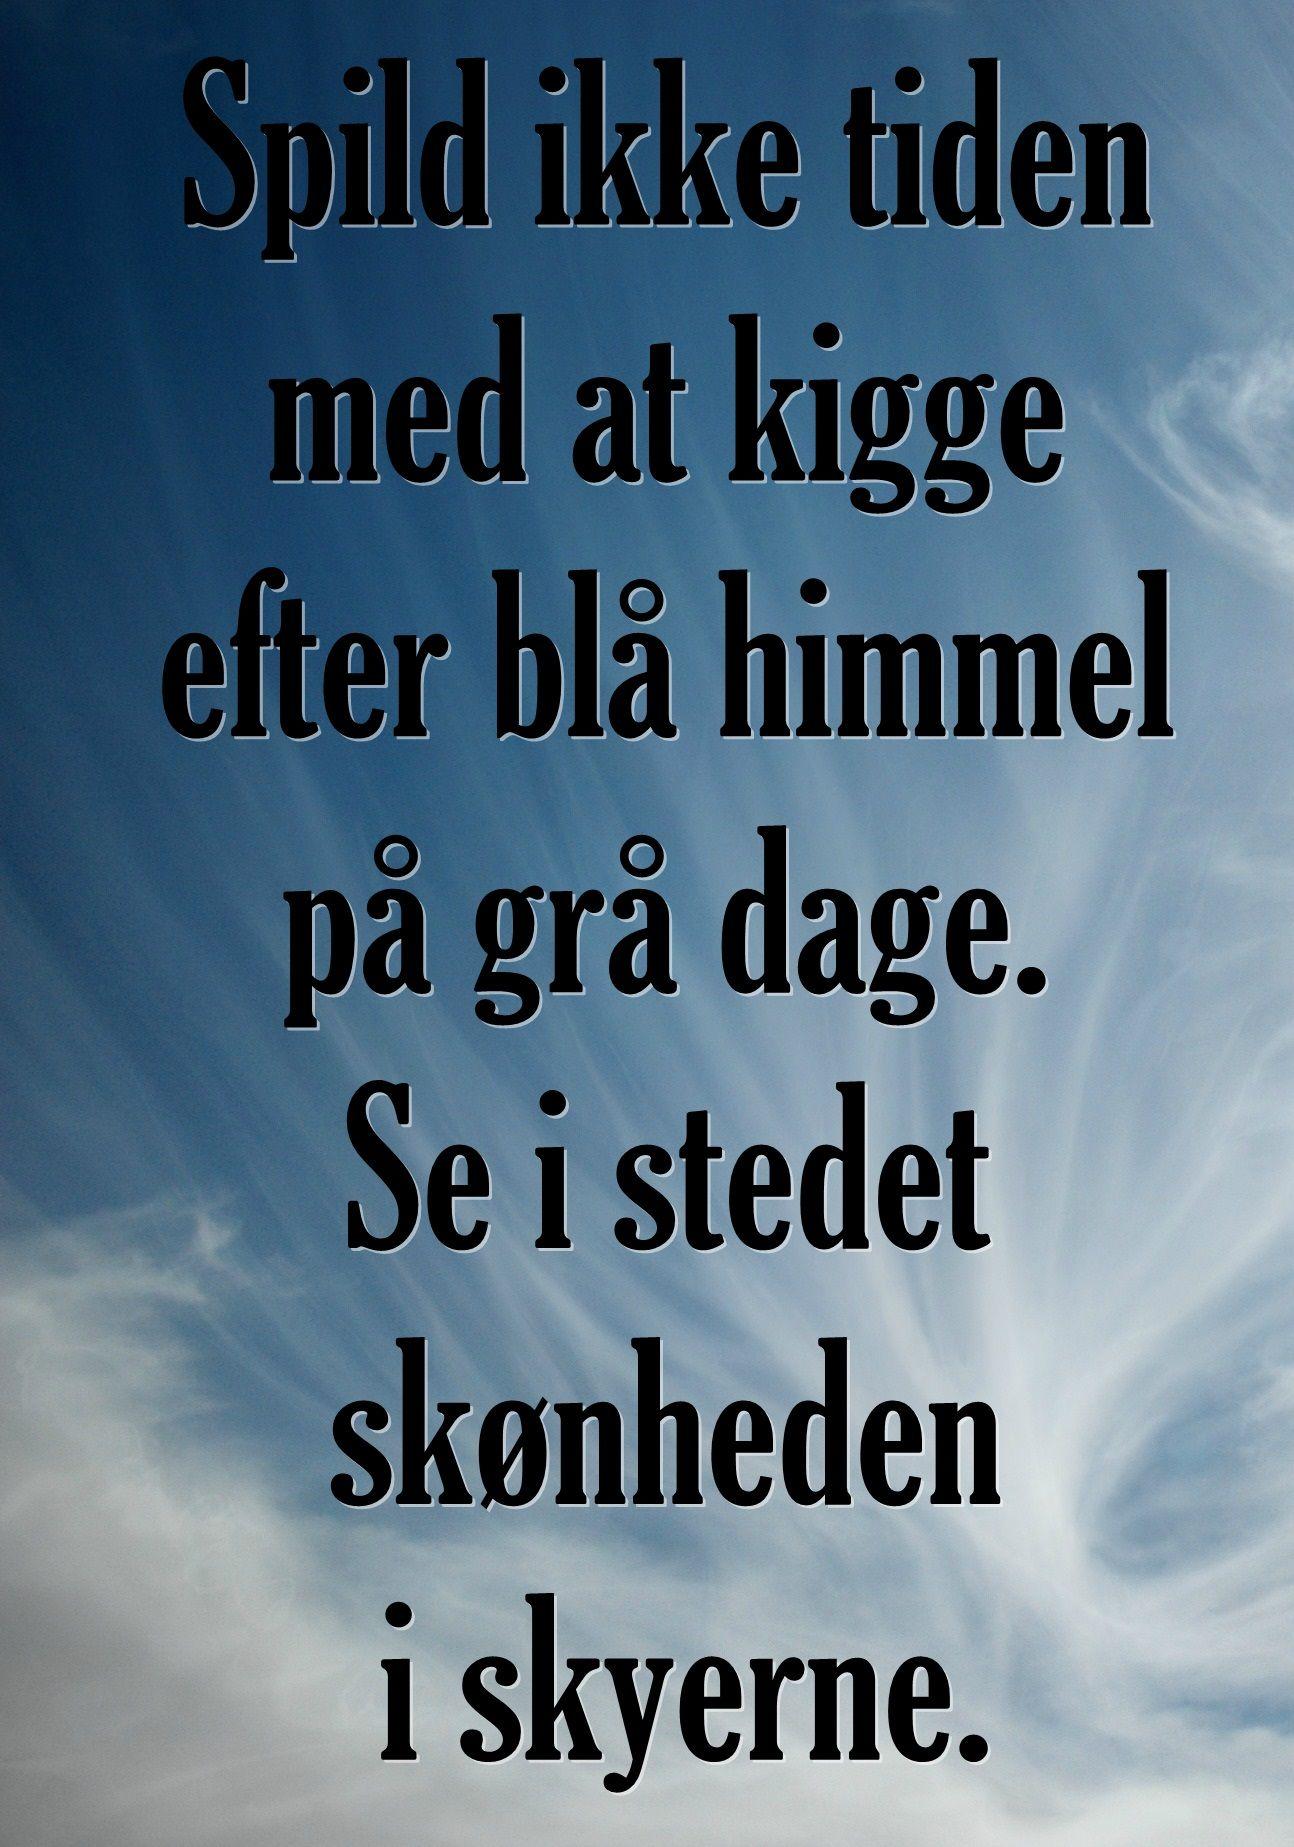 skønheds citater Pia Hougaard (piahougaard) on Pinterest skønheds citater